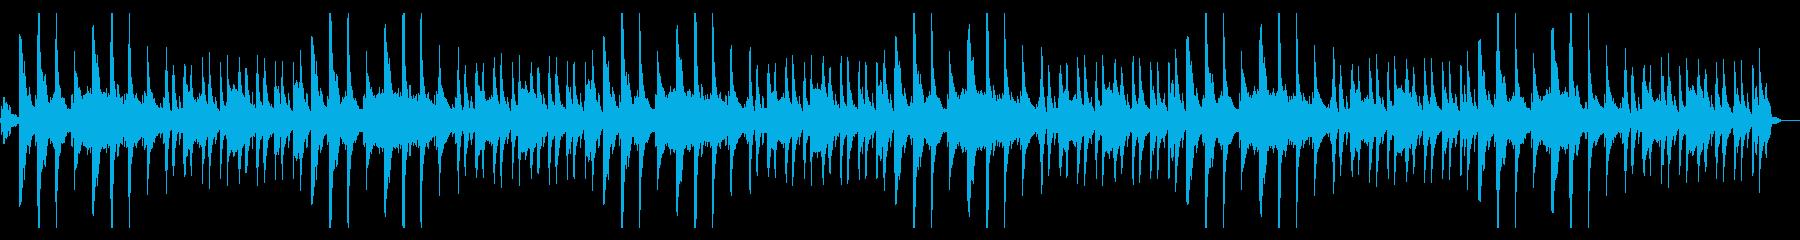 青い海のアンビエントの再生済みの波形